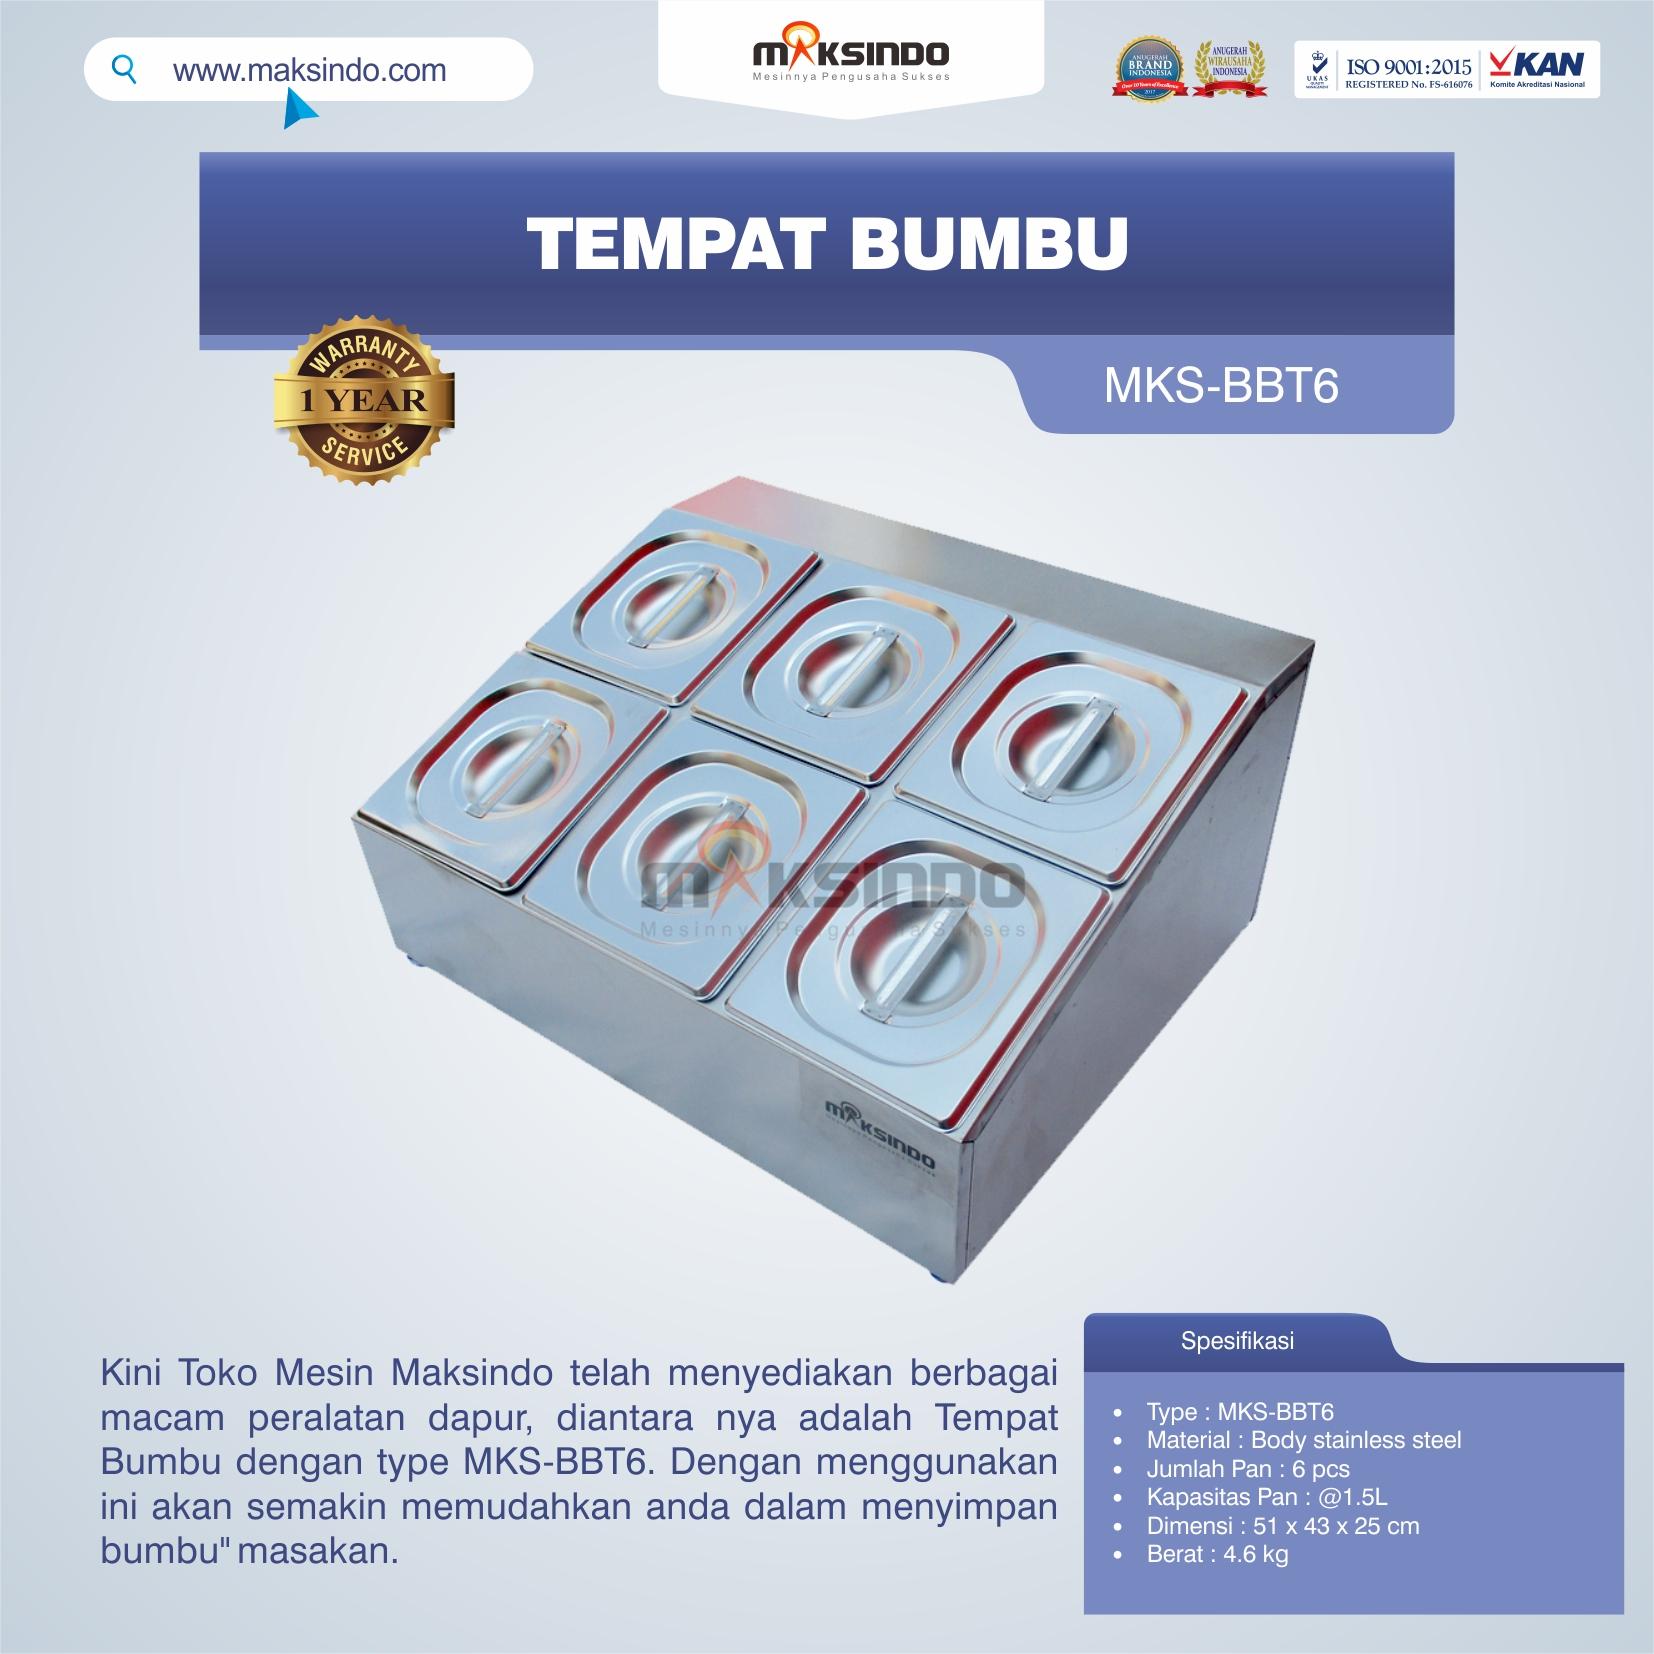 Jual Tempat Bumbu MKS-BBT6 di Bandung